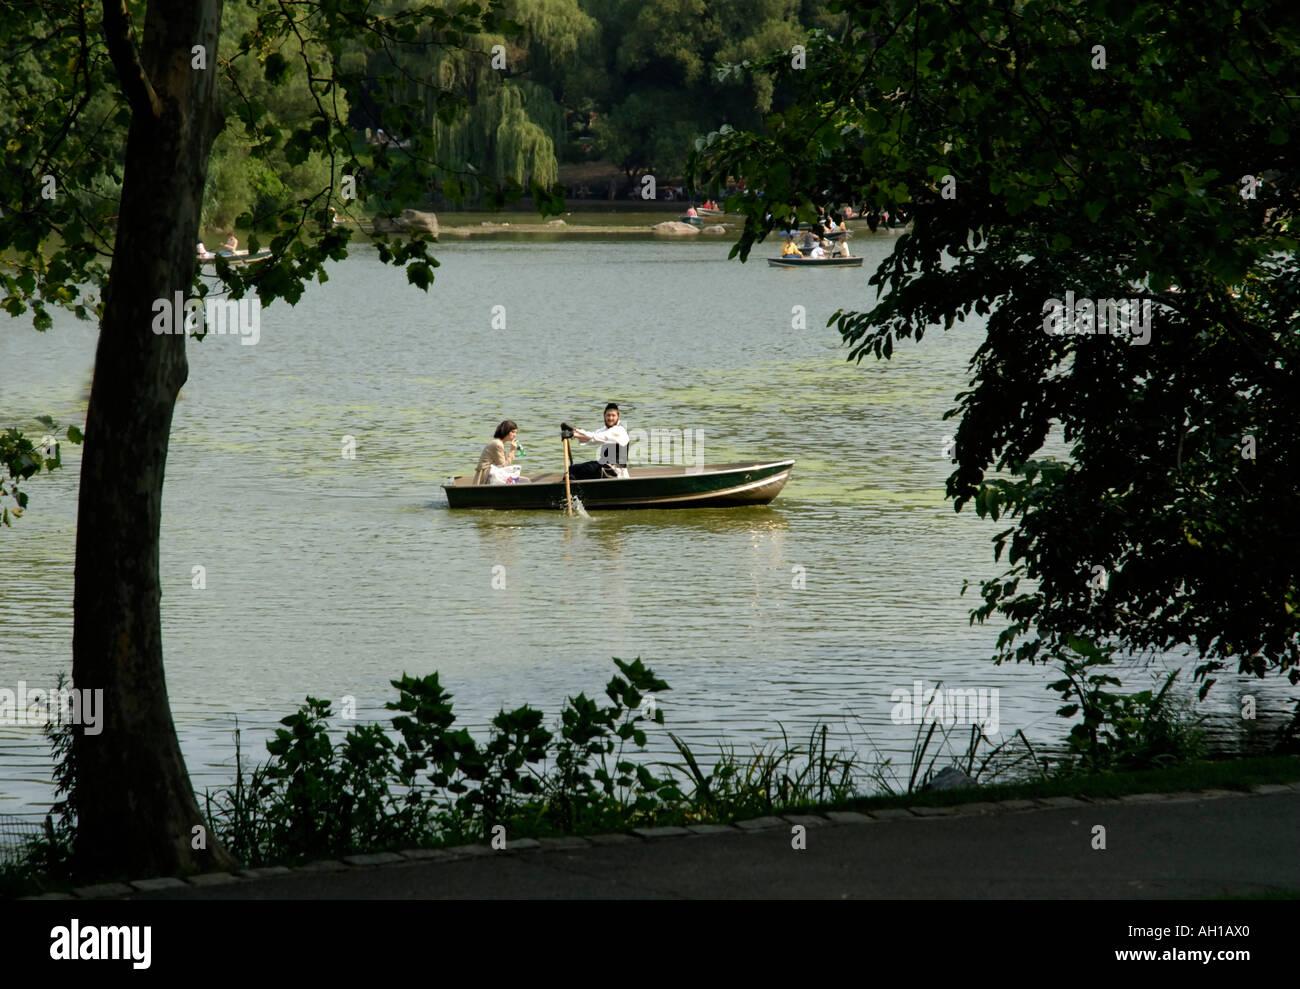 Joven pareja judía Hasidic en alquiler de barco en el lago del Parque Central, la ciudad de Nueva York. El hombre es el bote a remo. Imagen De Stock